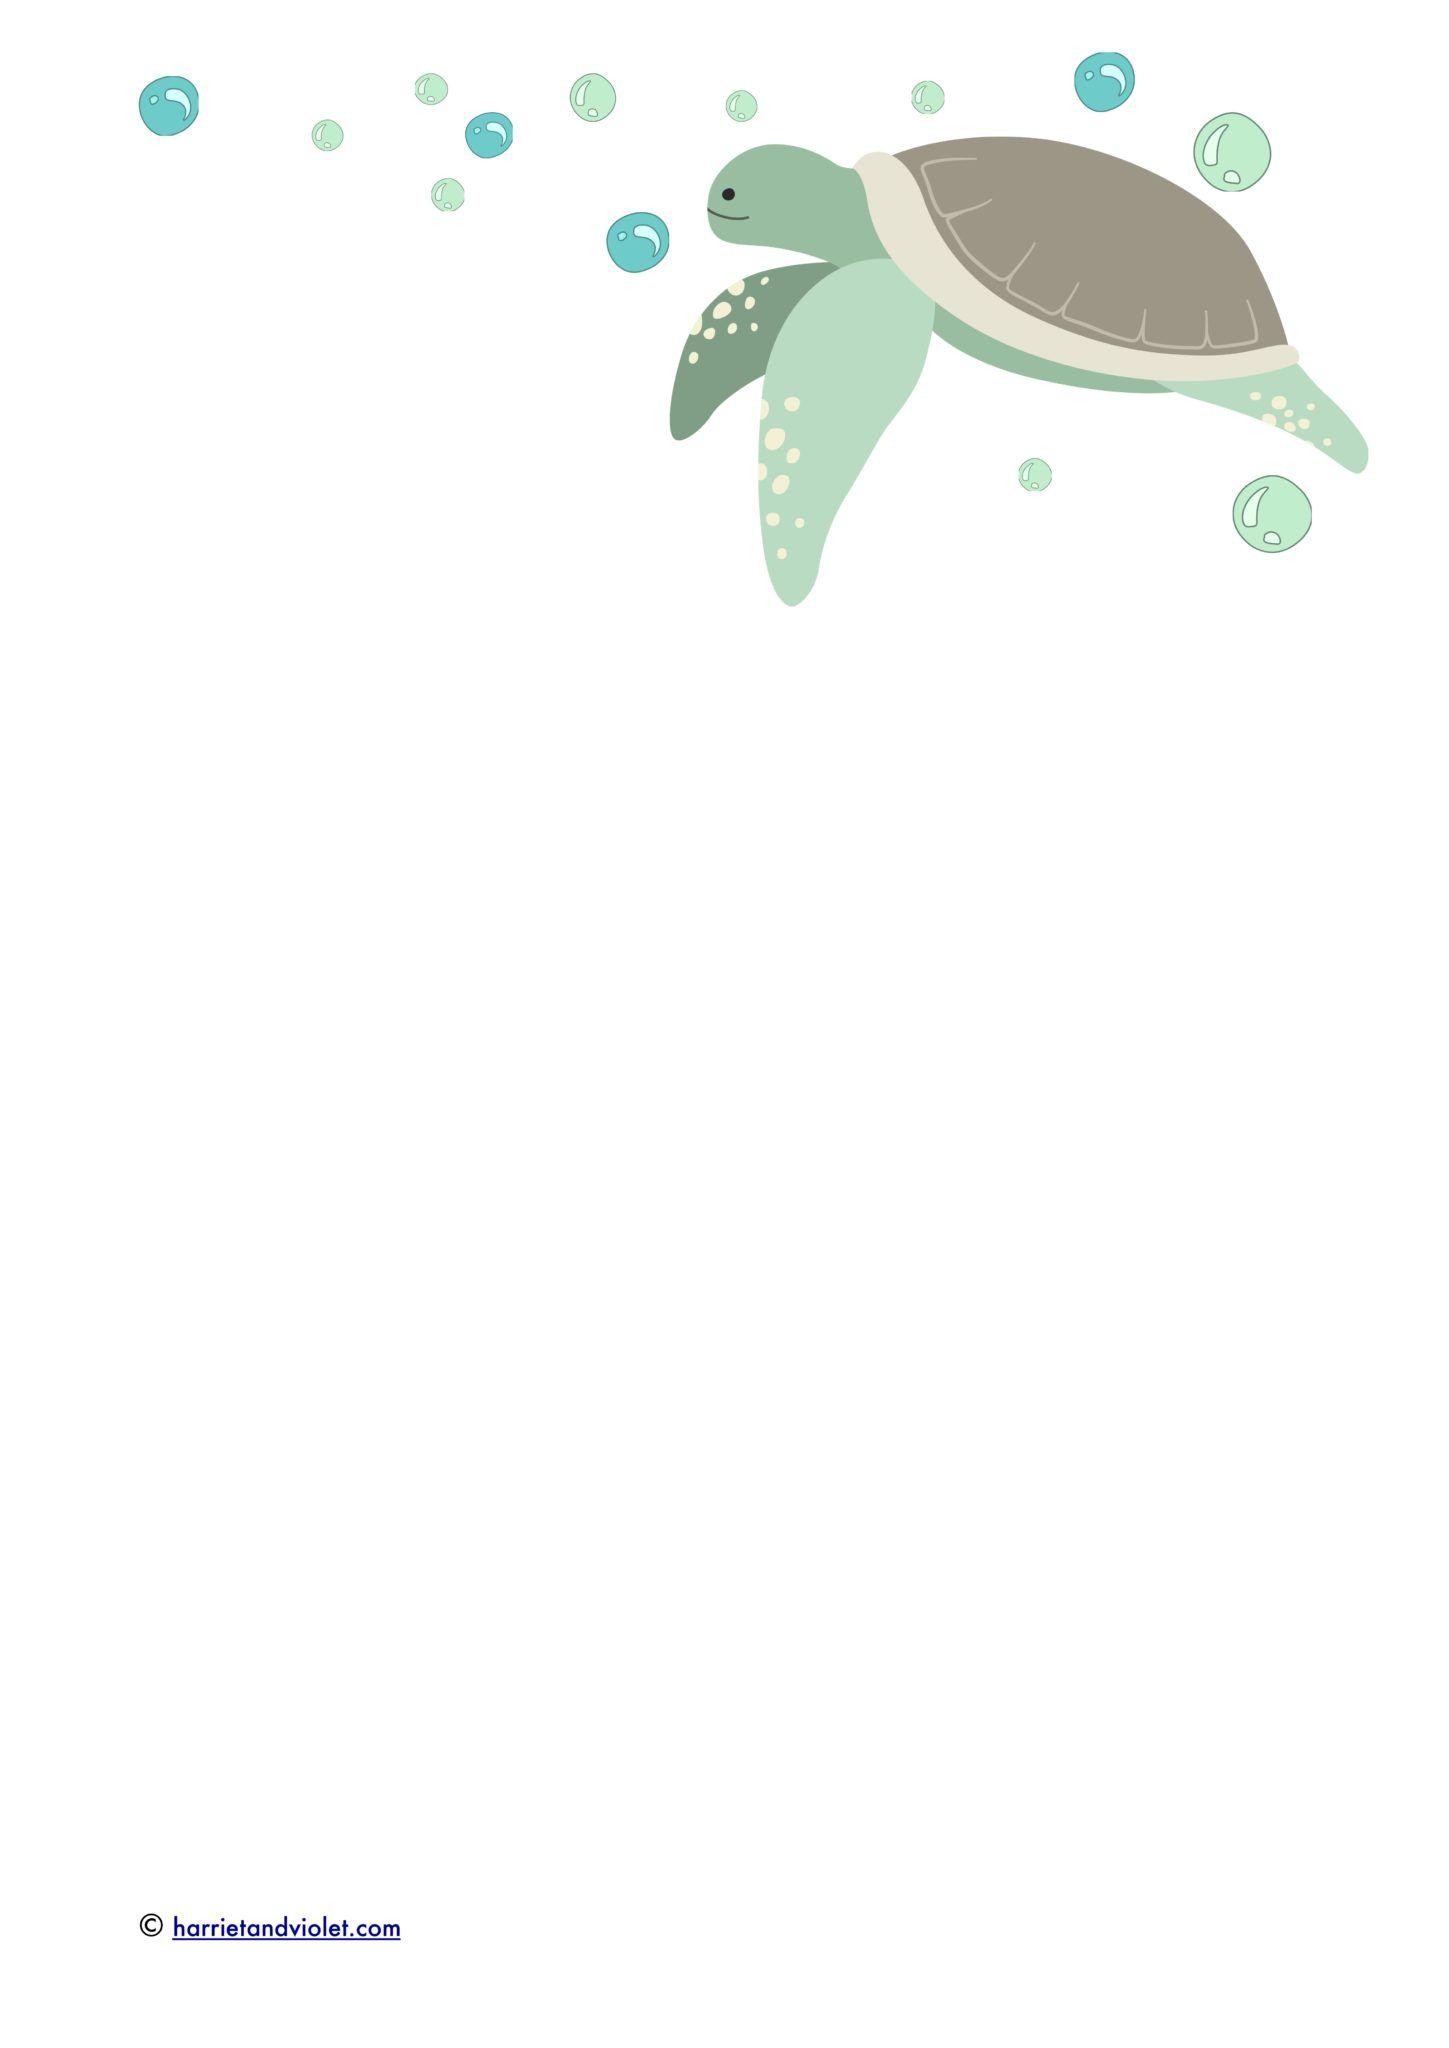 Harmonious sea turtles worksheet Useful